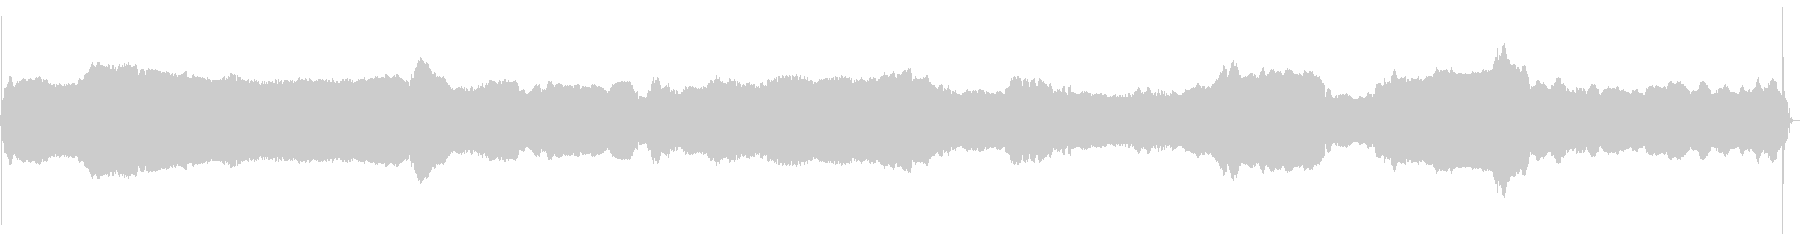 電動トリマー:スタート、トリムヘア...の未再生の波形